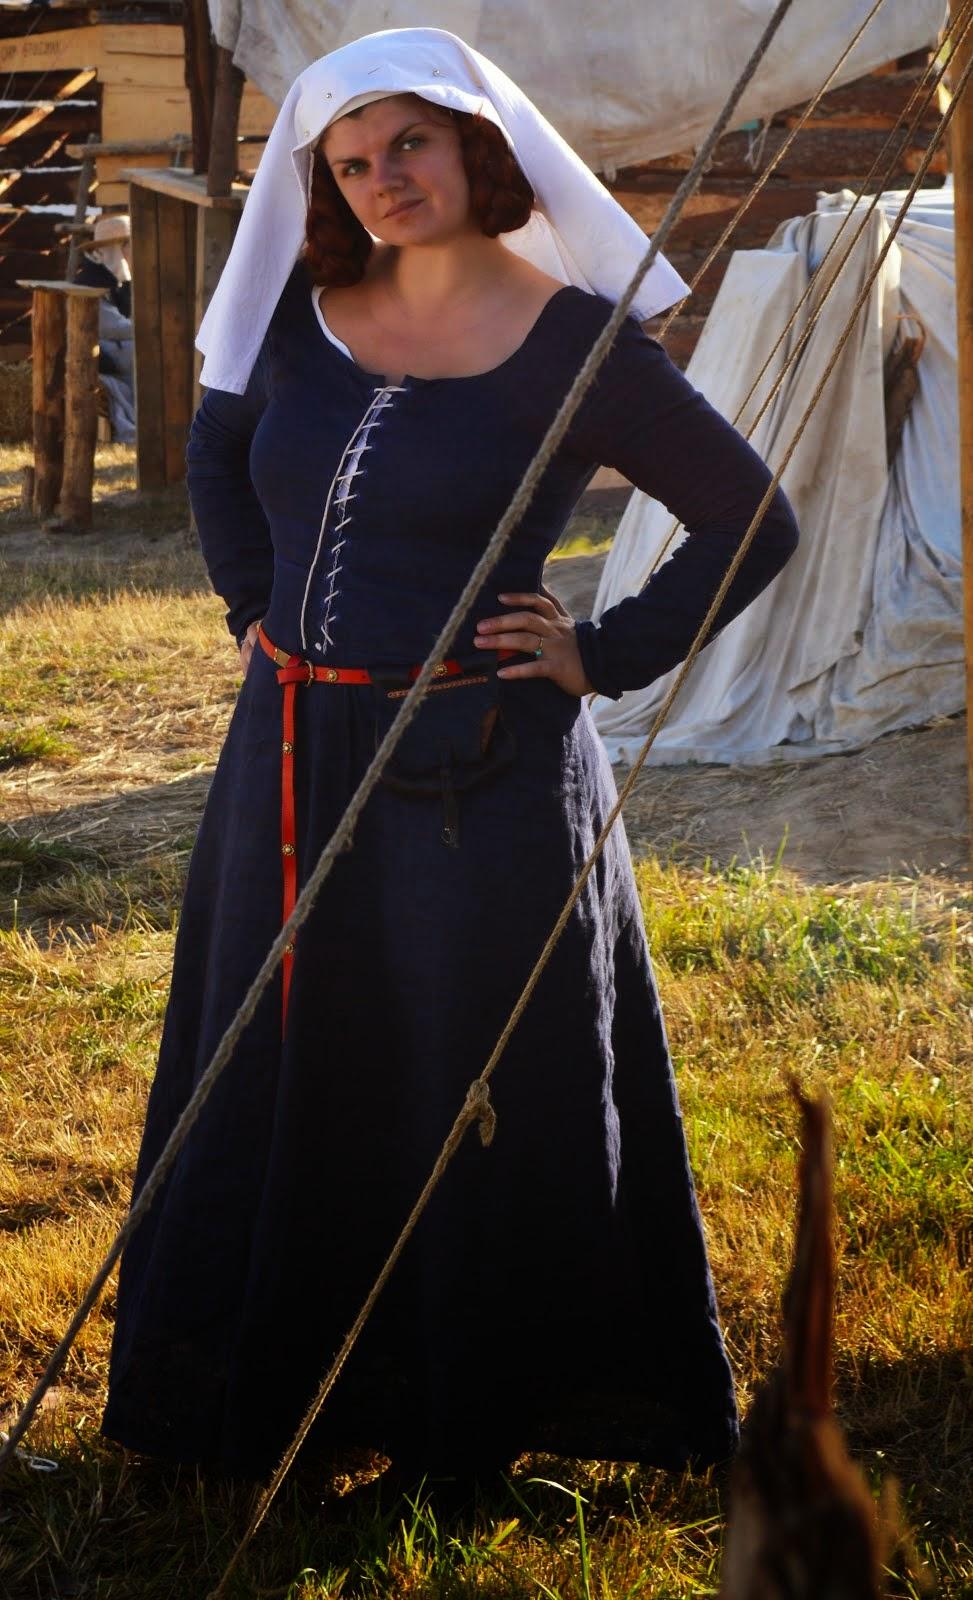 suknia spodnia z długim rękawem